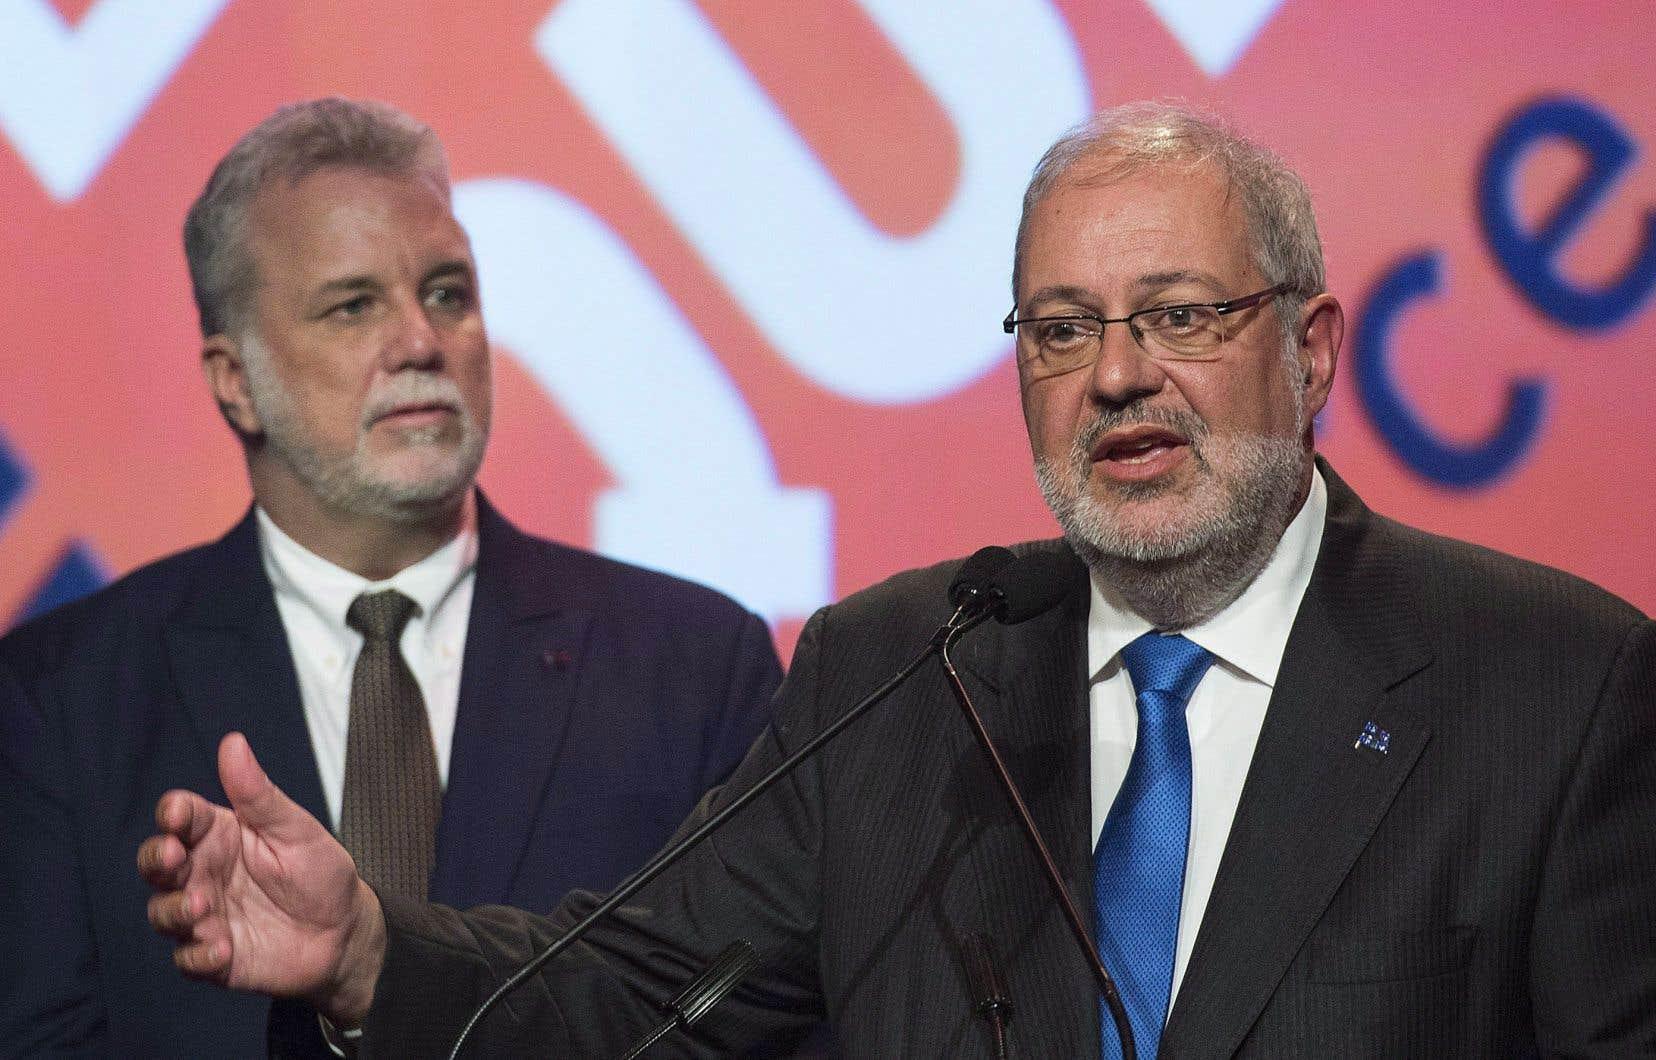 Le PLQ a choisi un vote préférentiel, d'un maximum de deux tours, afin de nommer le successeur de Philippe Couillard.